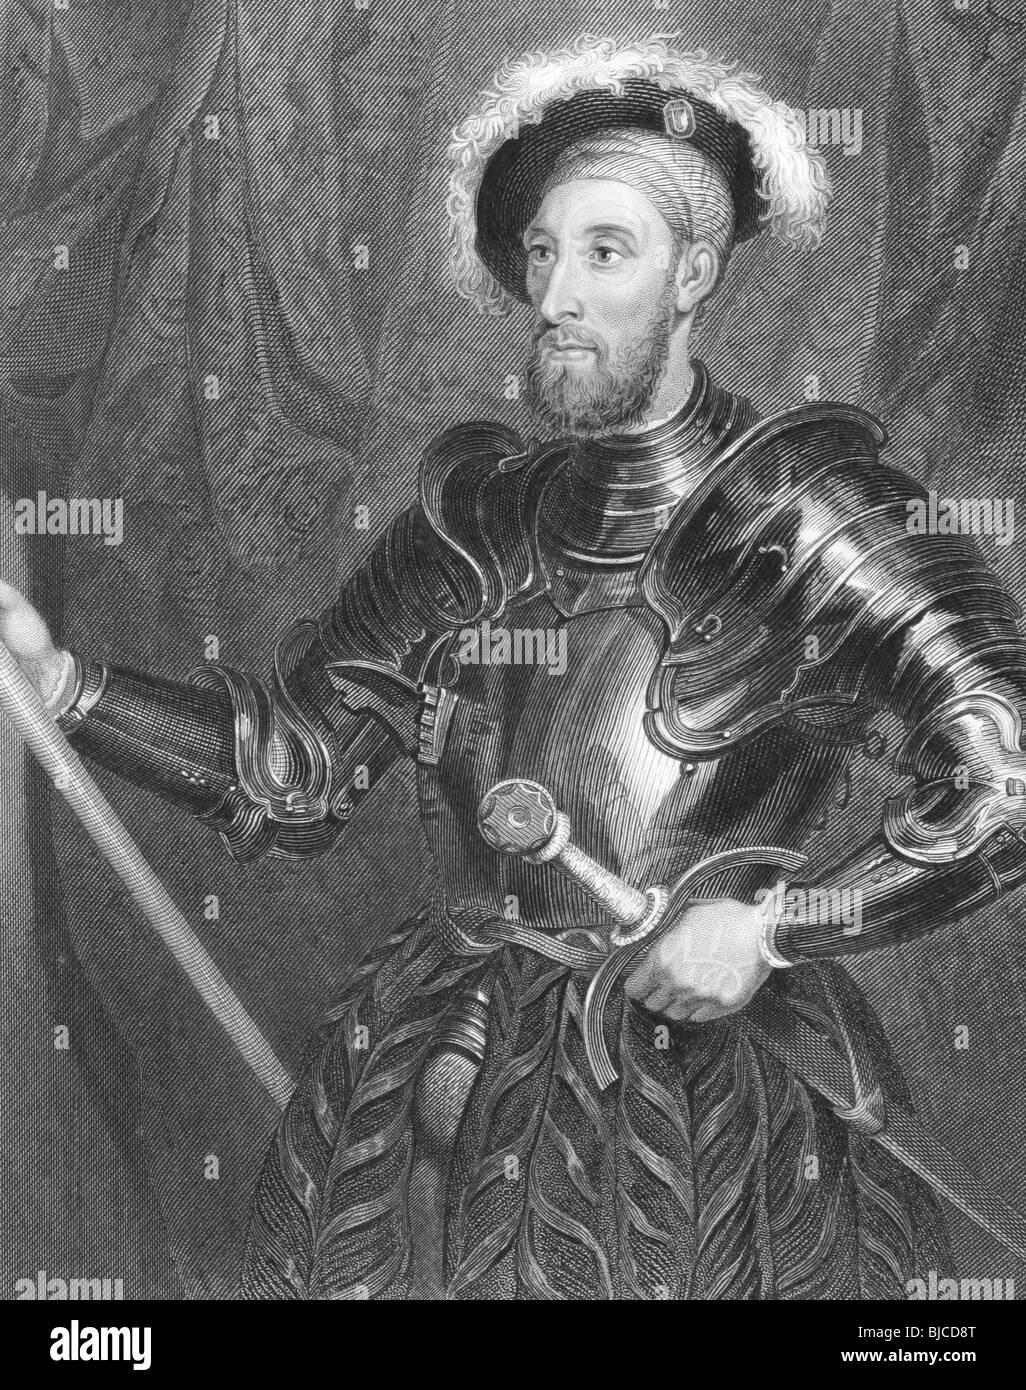 Nicholas Carew (1496-1593) pieno di giostre corazza su incisione dal 1800s. Cortigiano inglese e più. Immagini Stock